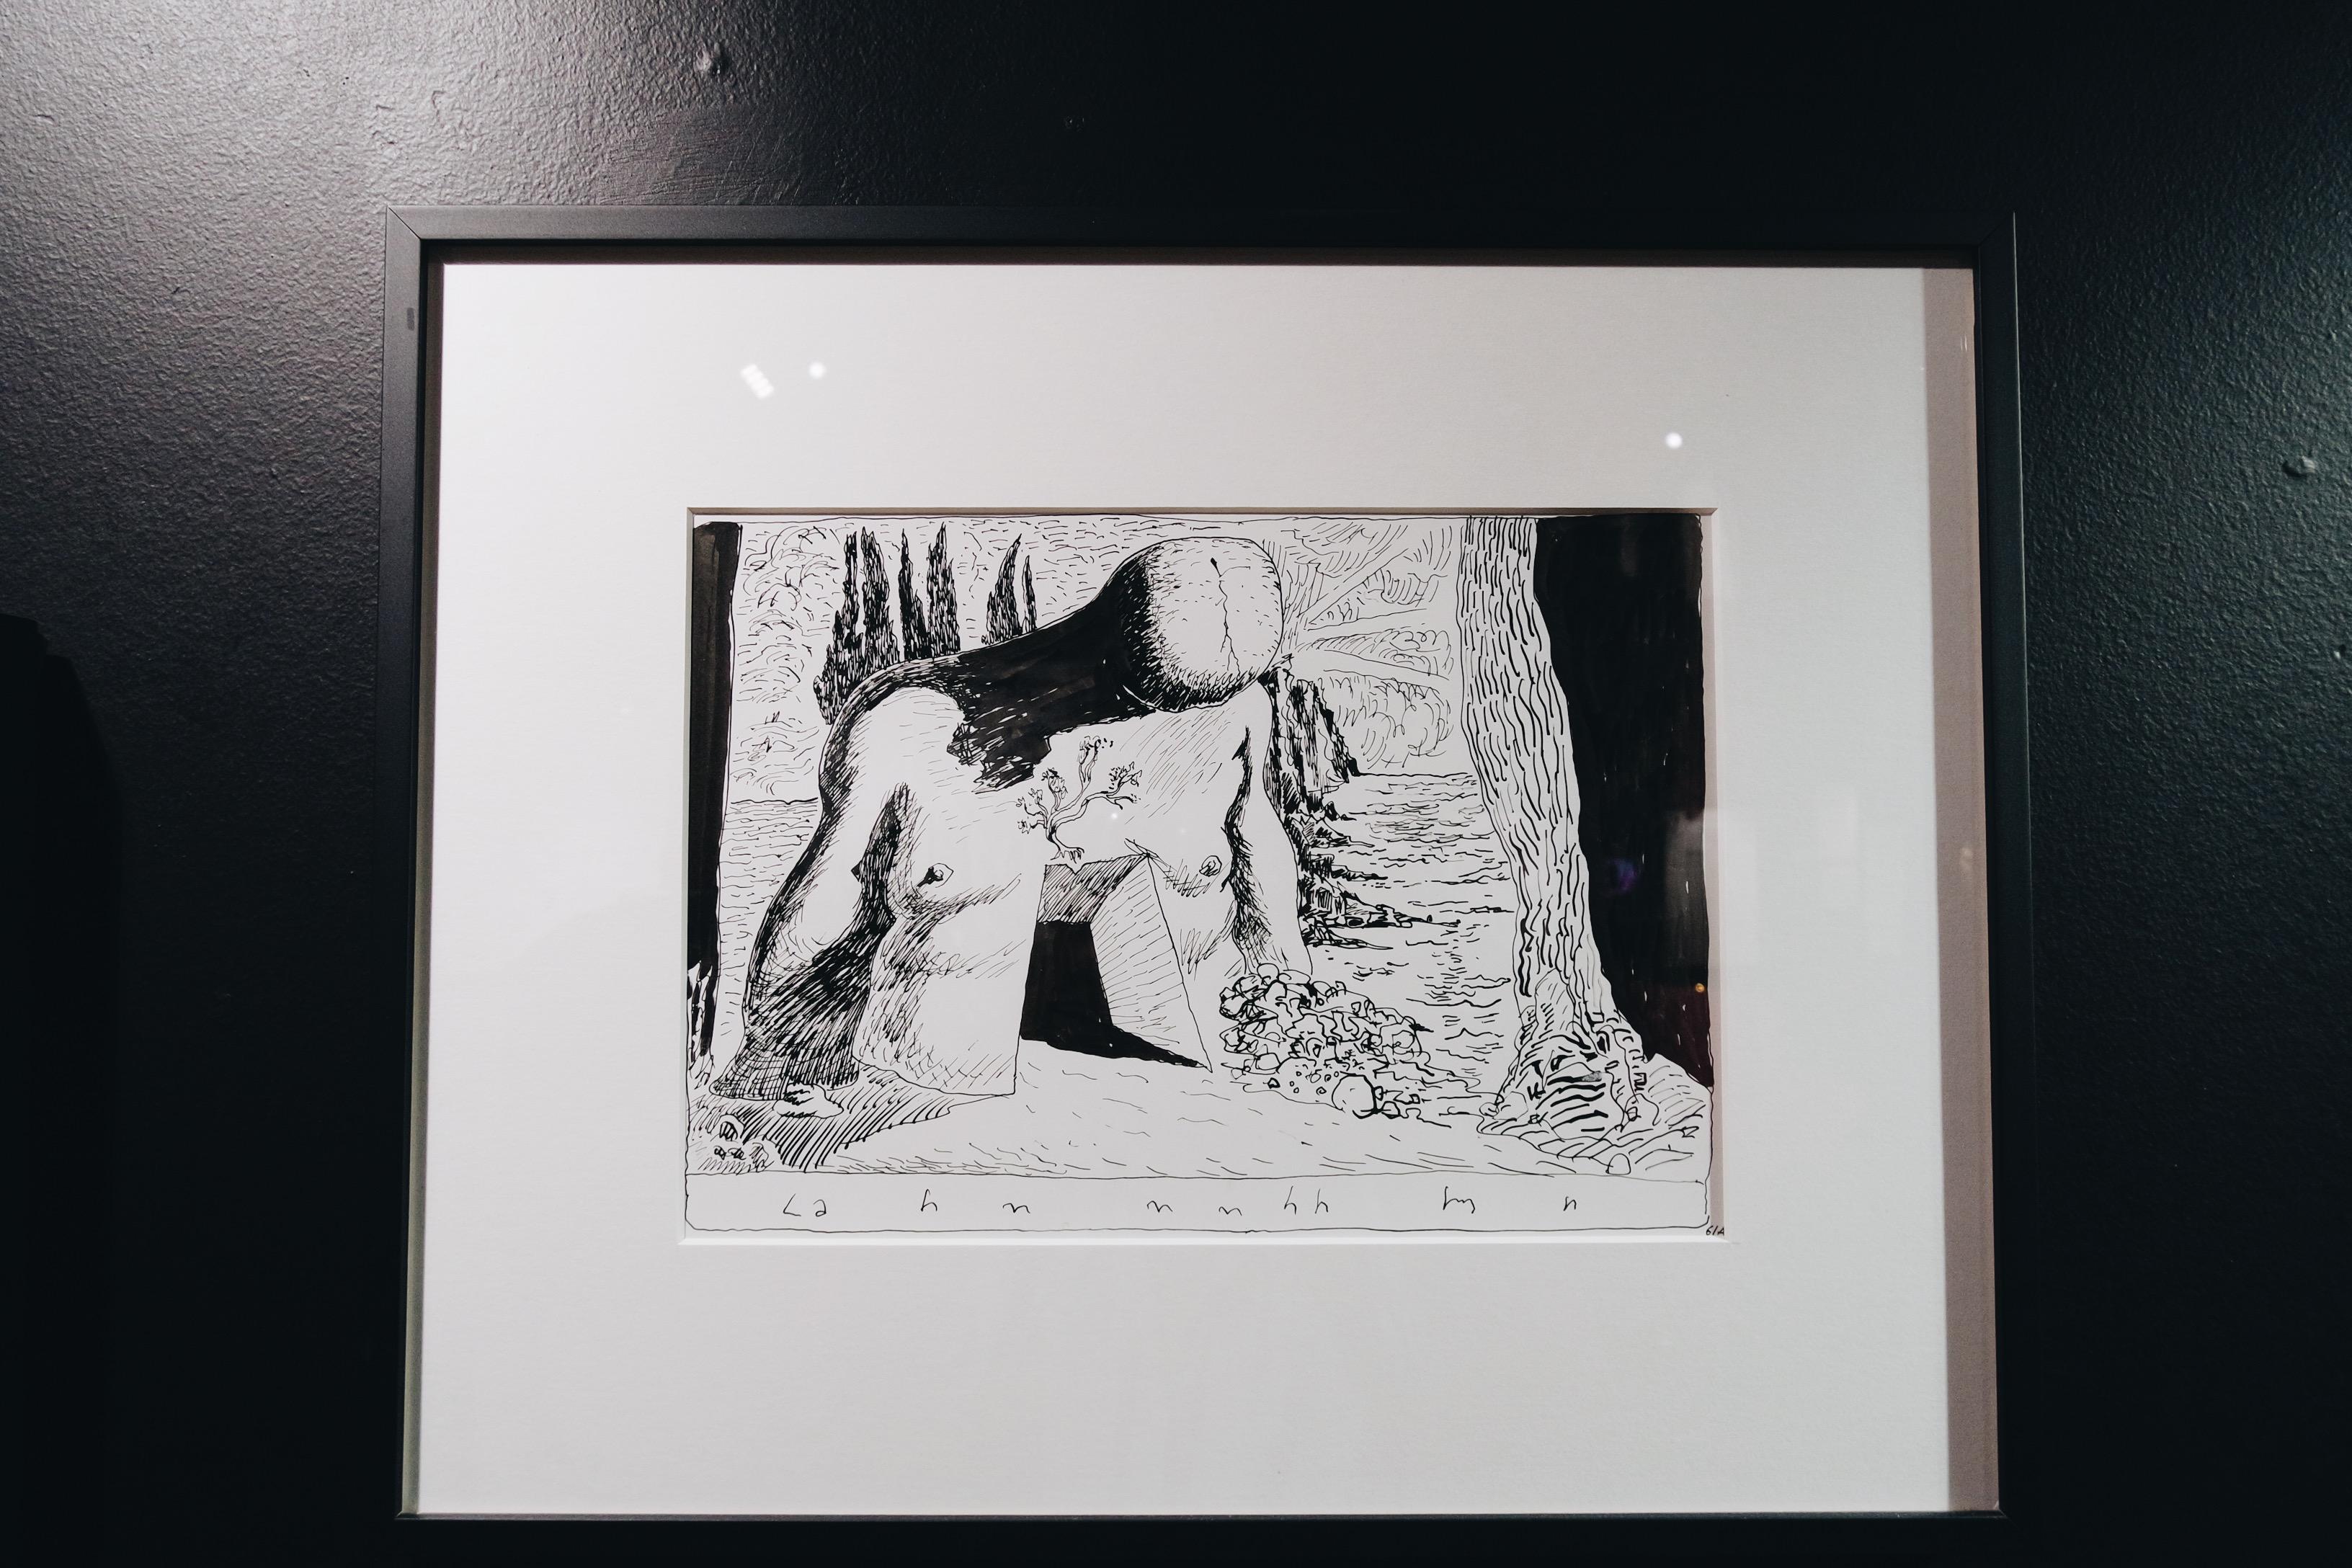 Salvador-Dali-Labyrinth-Le-Labyrinthe-dessin-hommage-de-Joann-Sfar-exposition-Espace-Dali-Paris-Montmartre-fin-de-parenthèse